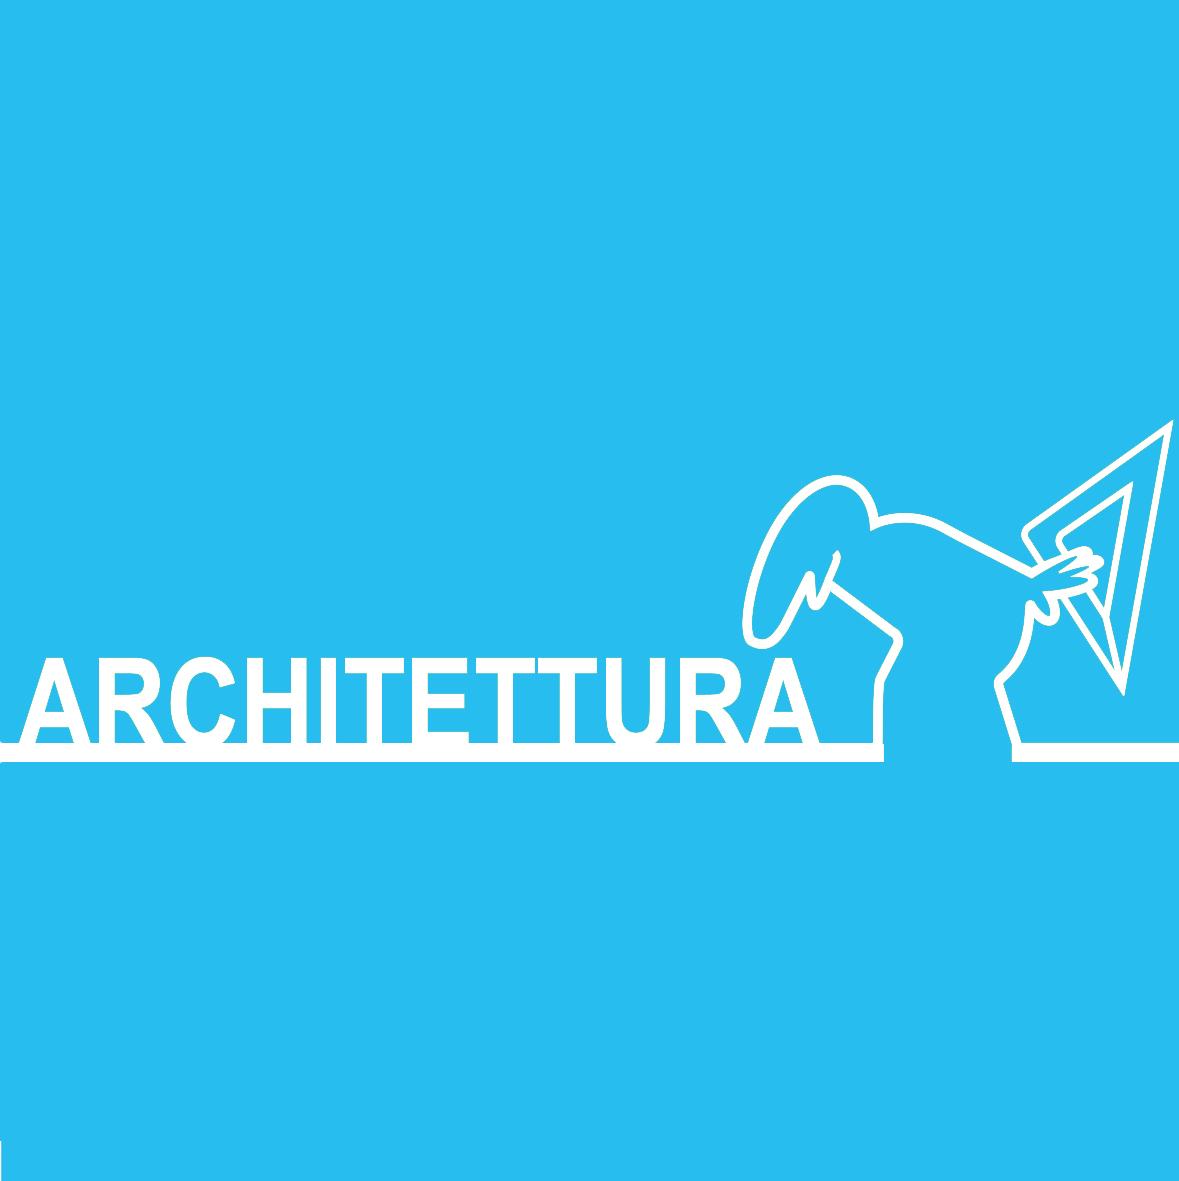 Architettura Ck